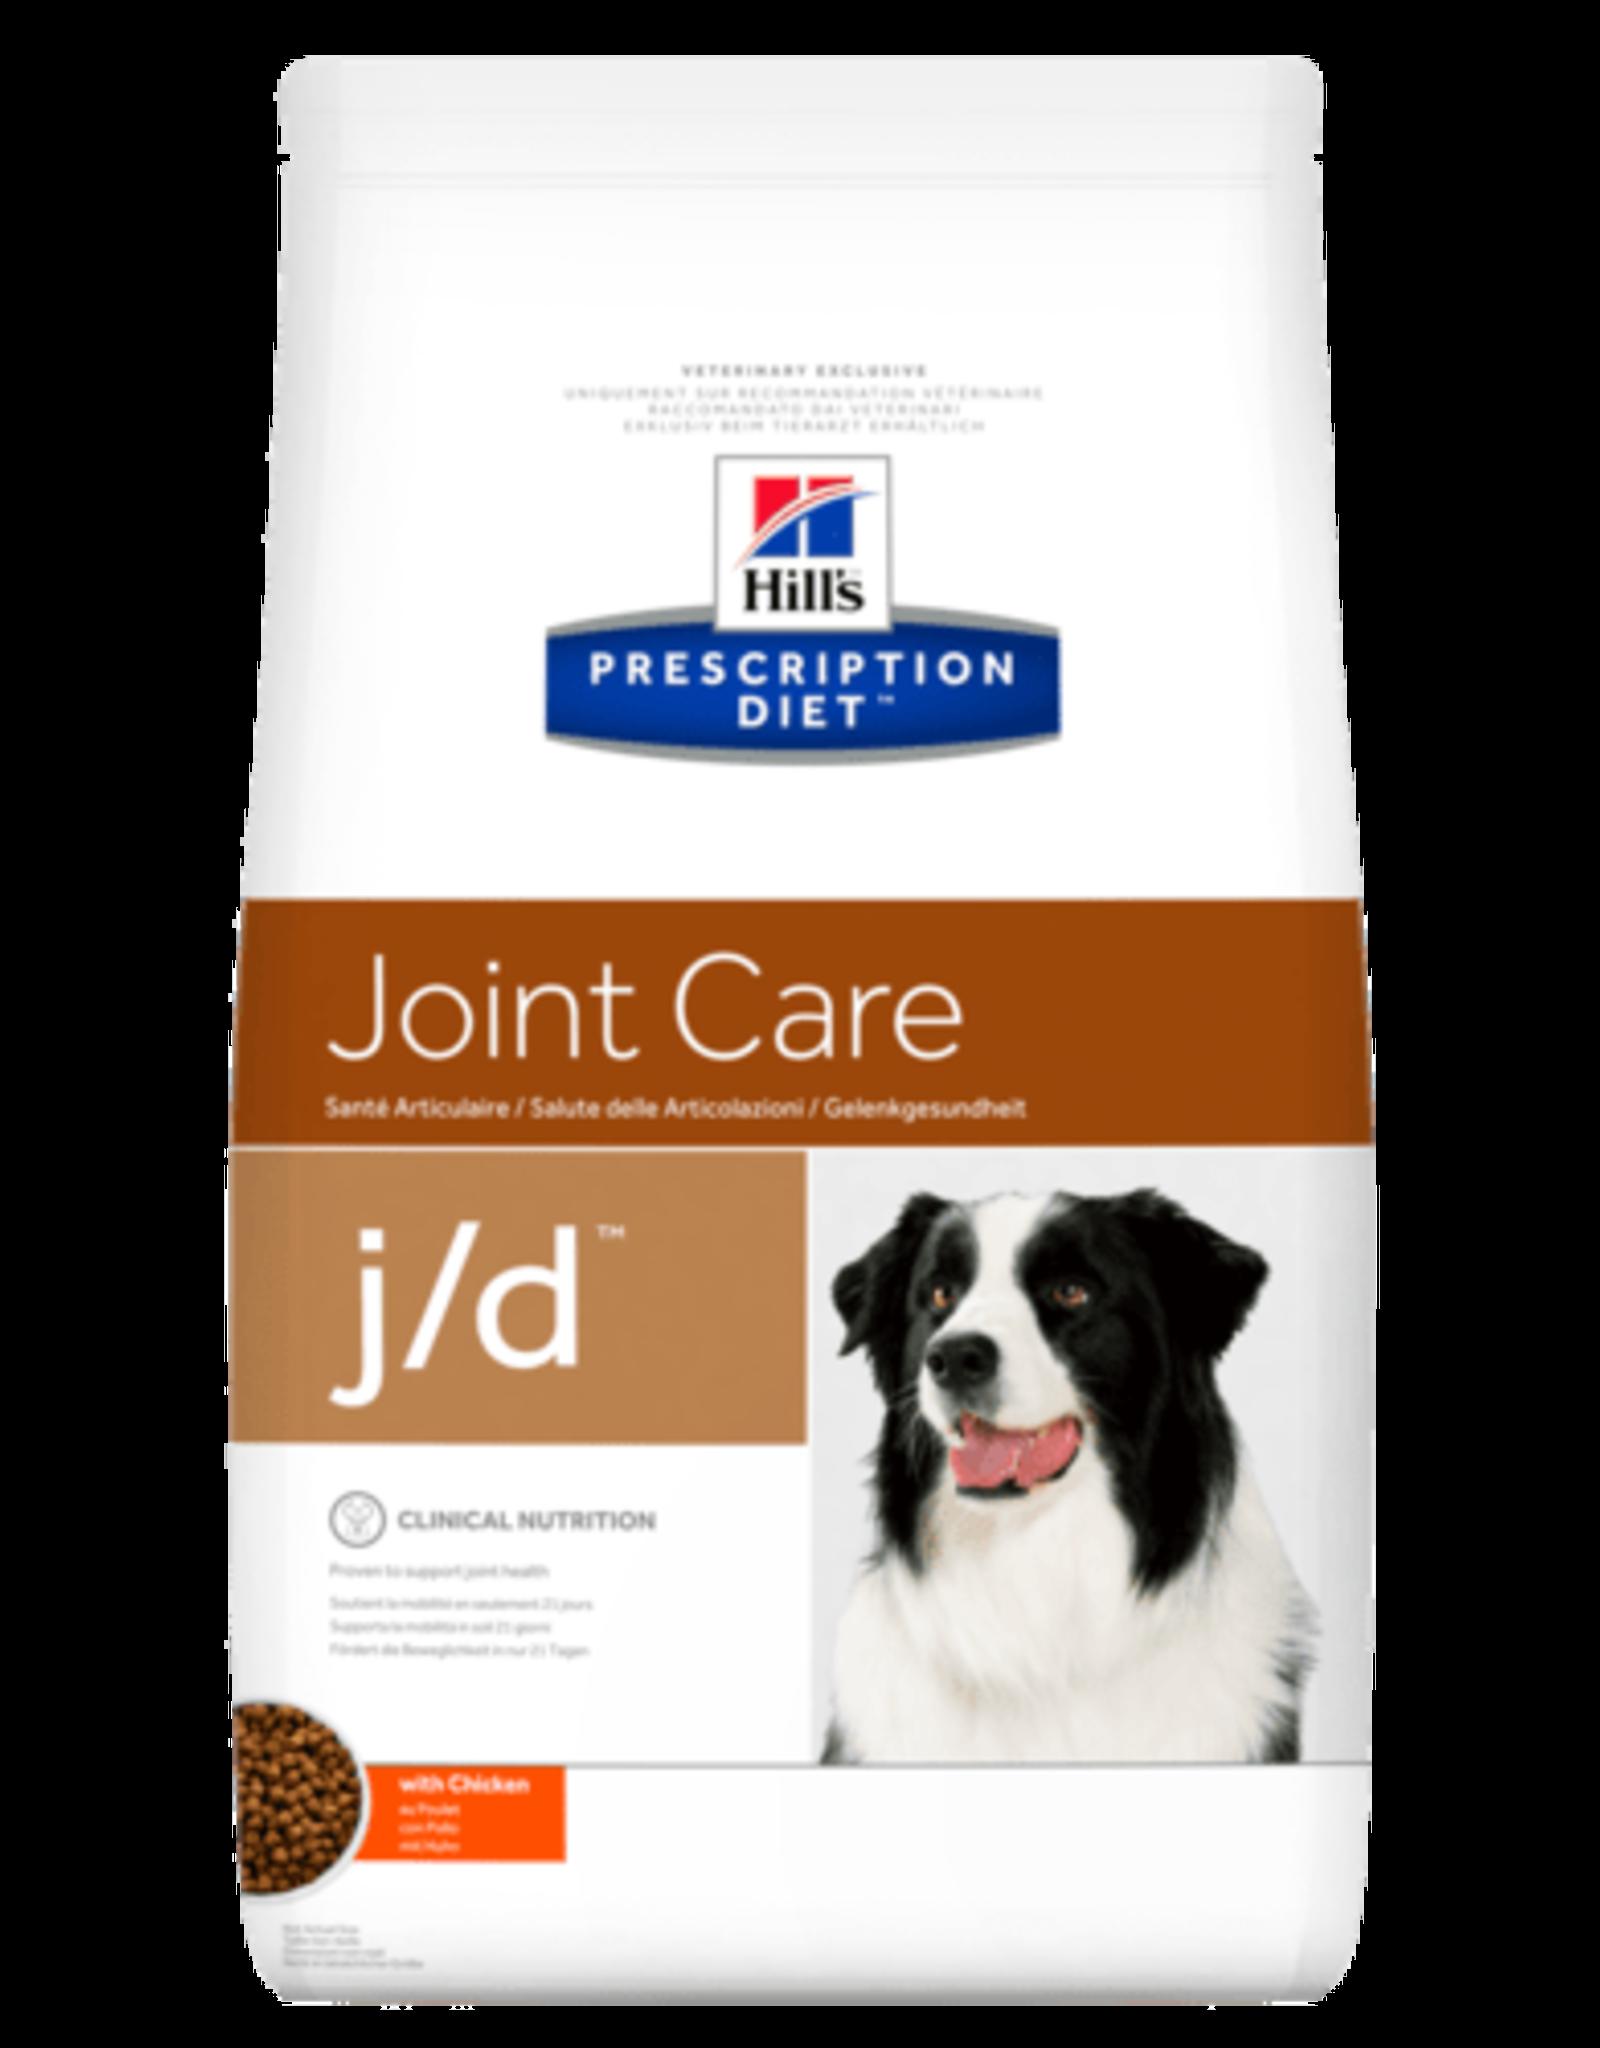 Hill's Hill's Prescription Diet J/d Chien 2kg